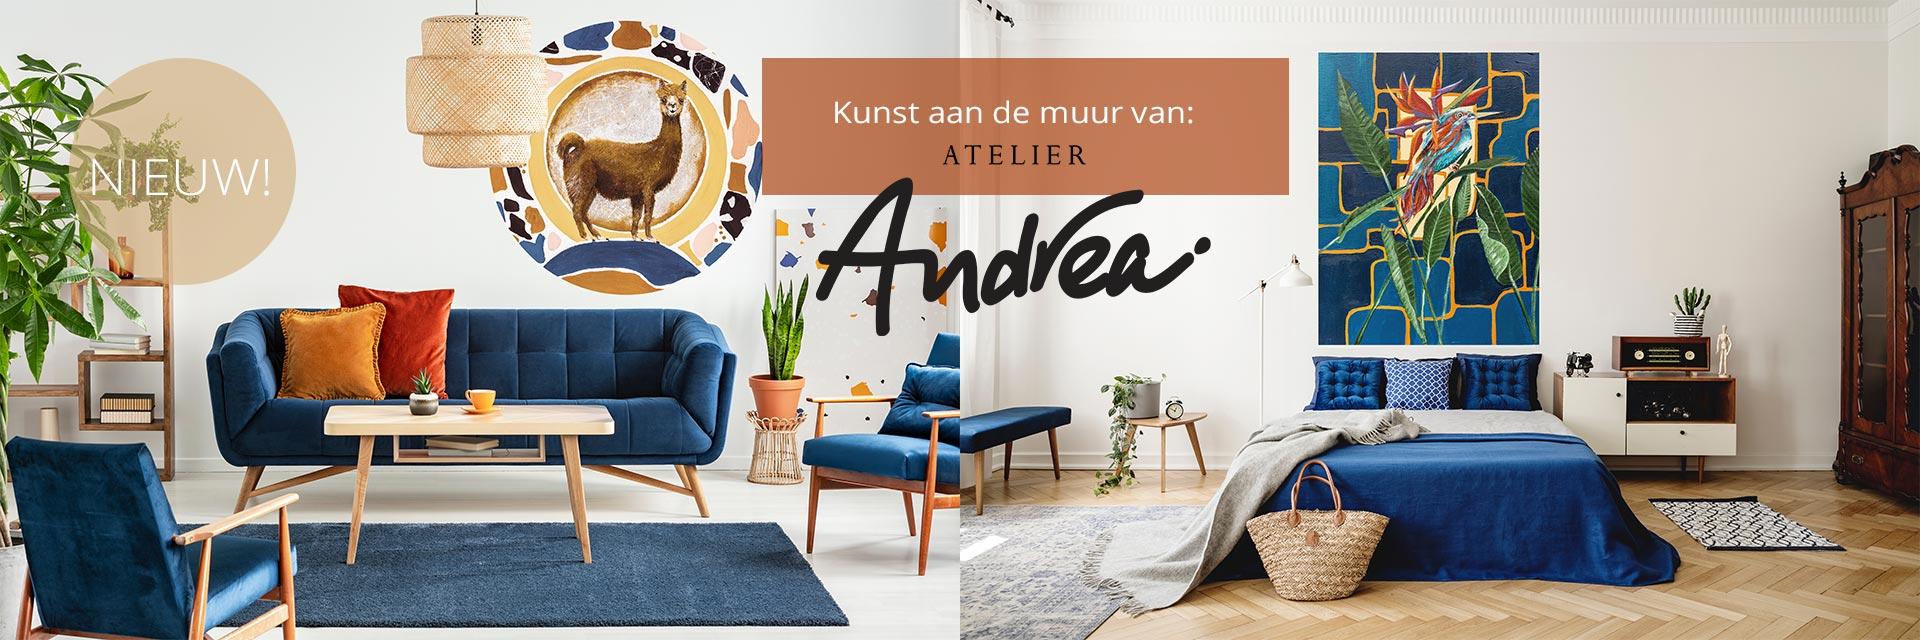 Kunst aan de muur Atelier-Andrea-winter-20-21-blauw